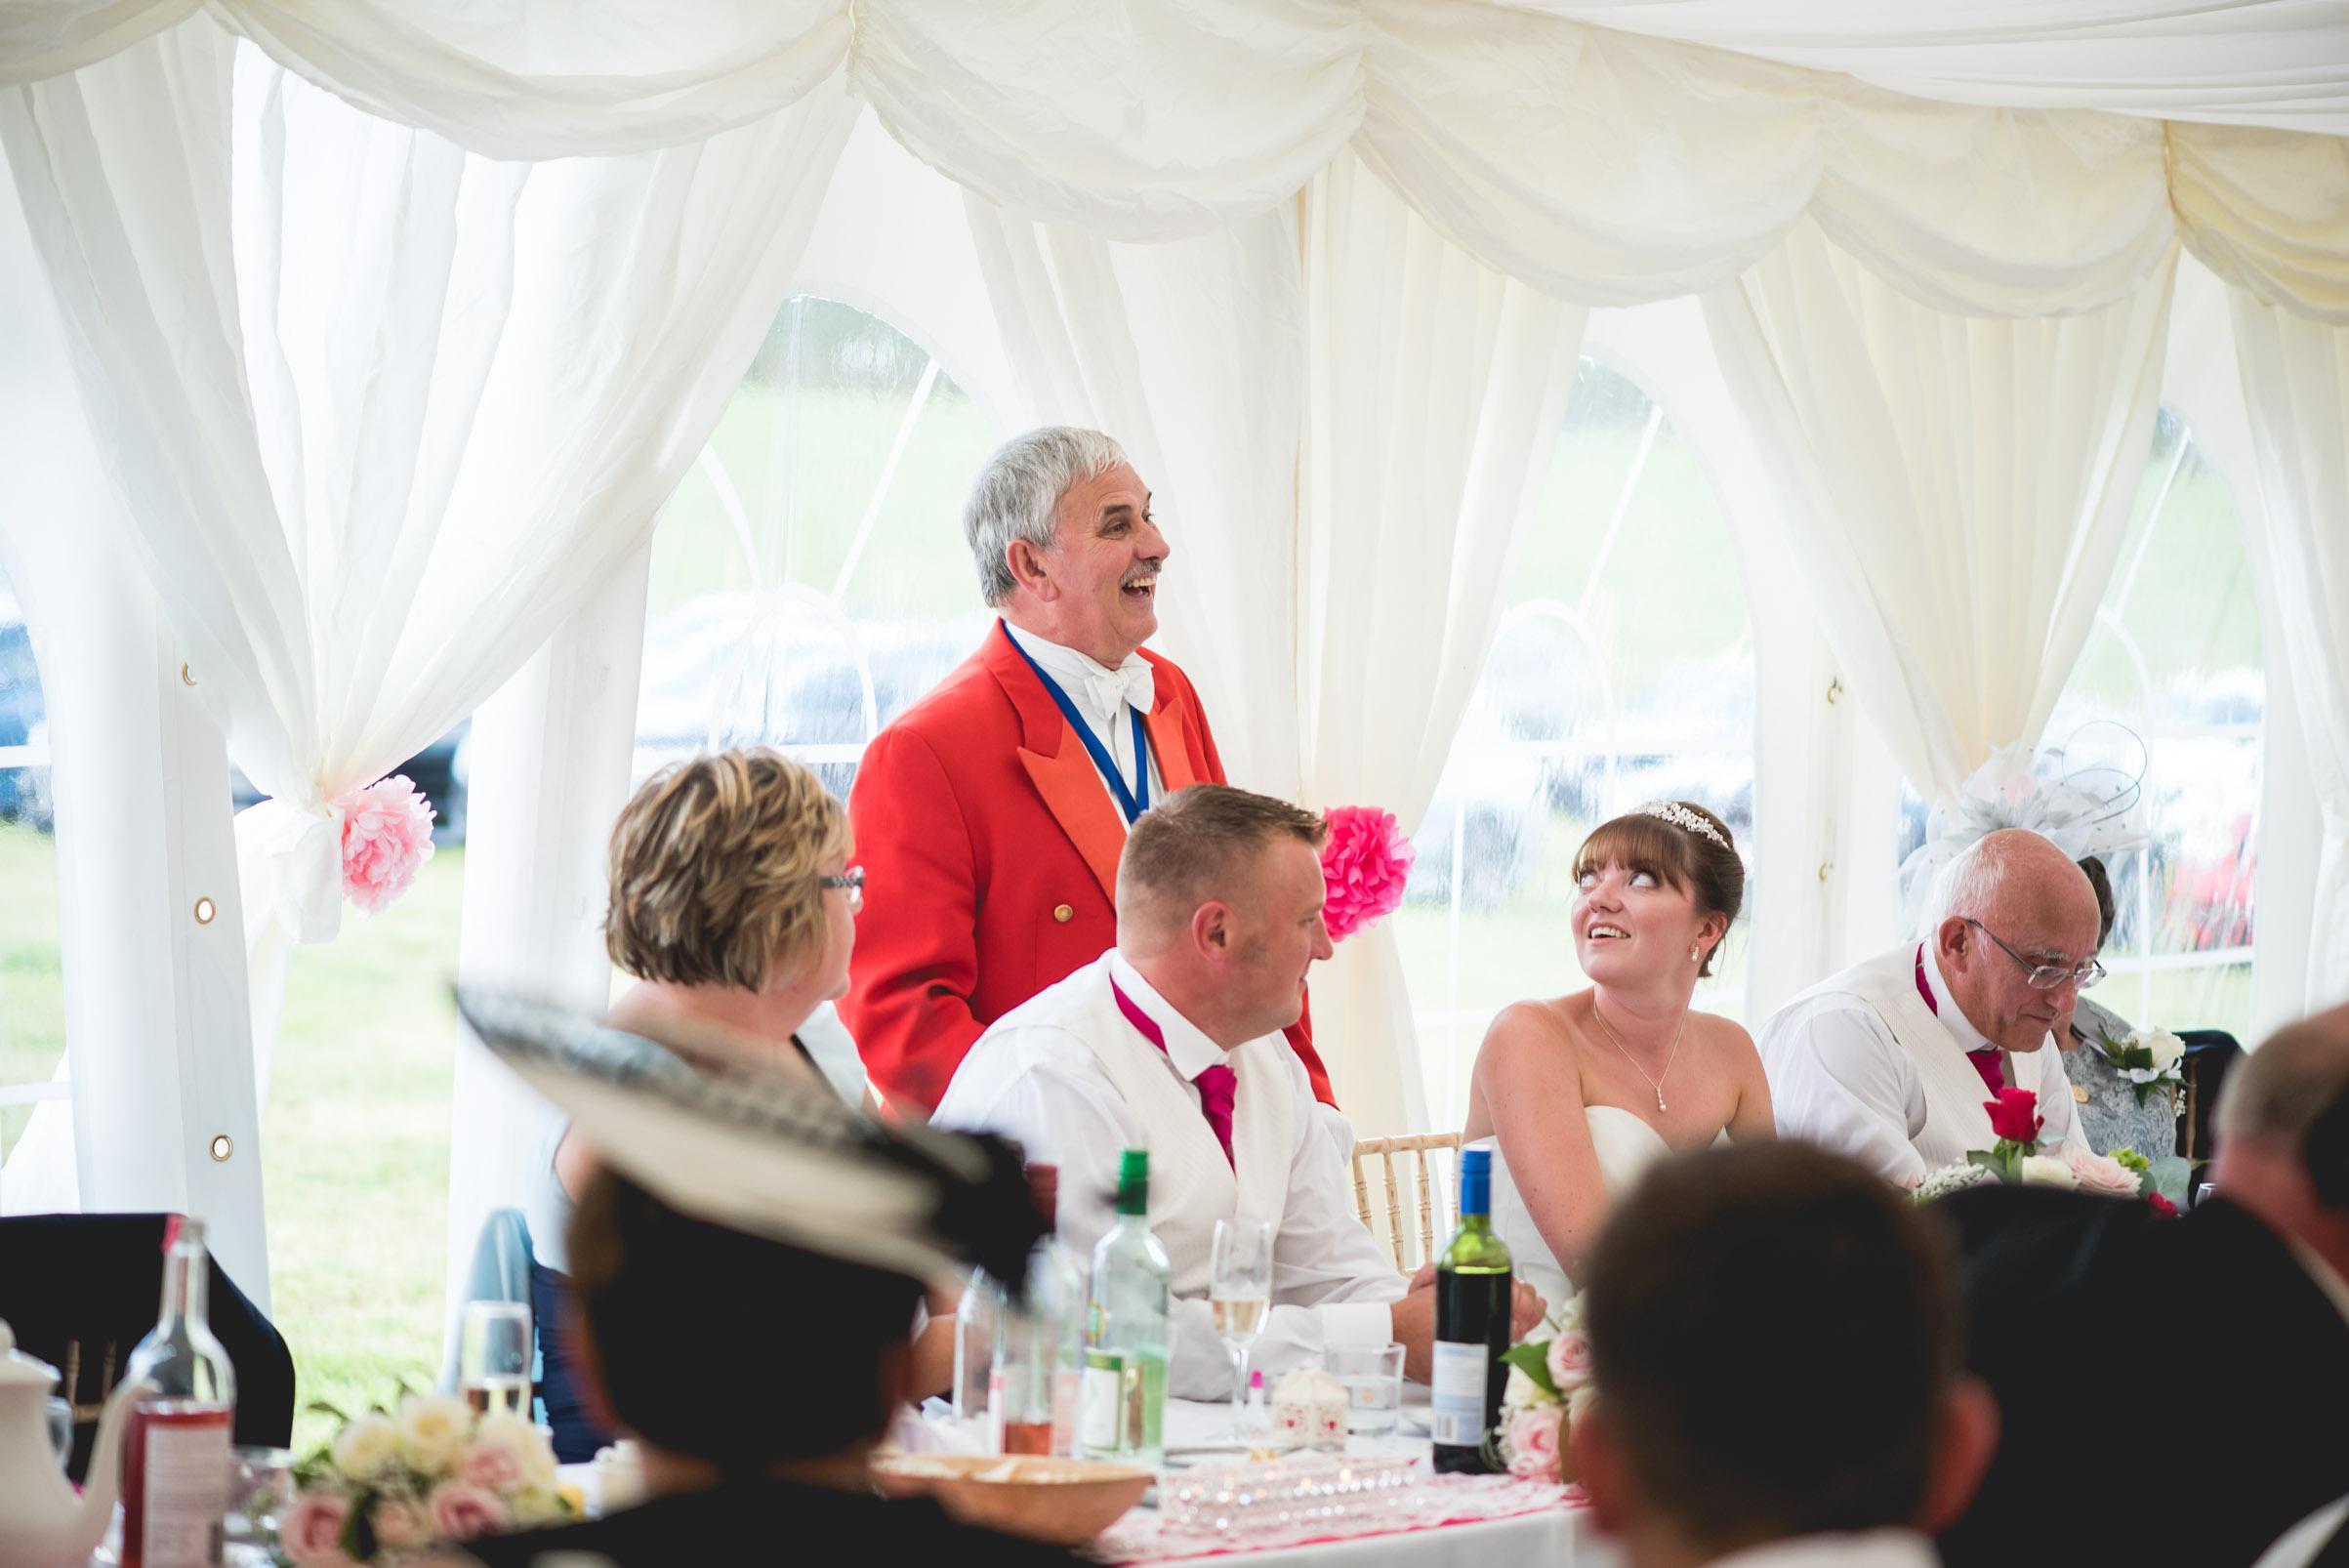 Farm-wedding-staffordshire-st-marys-catholic-church-uttoxter-107.jpg